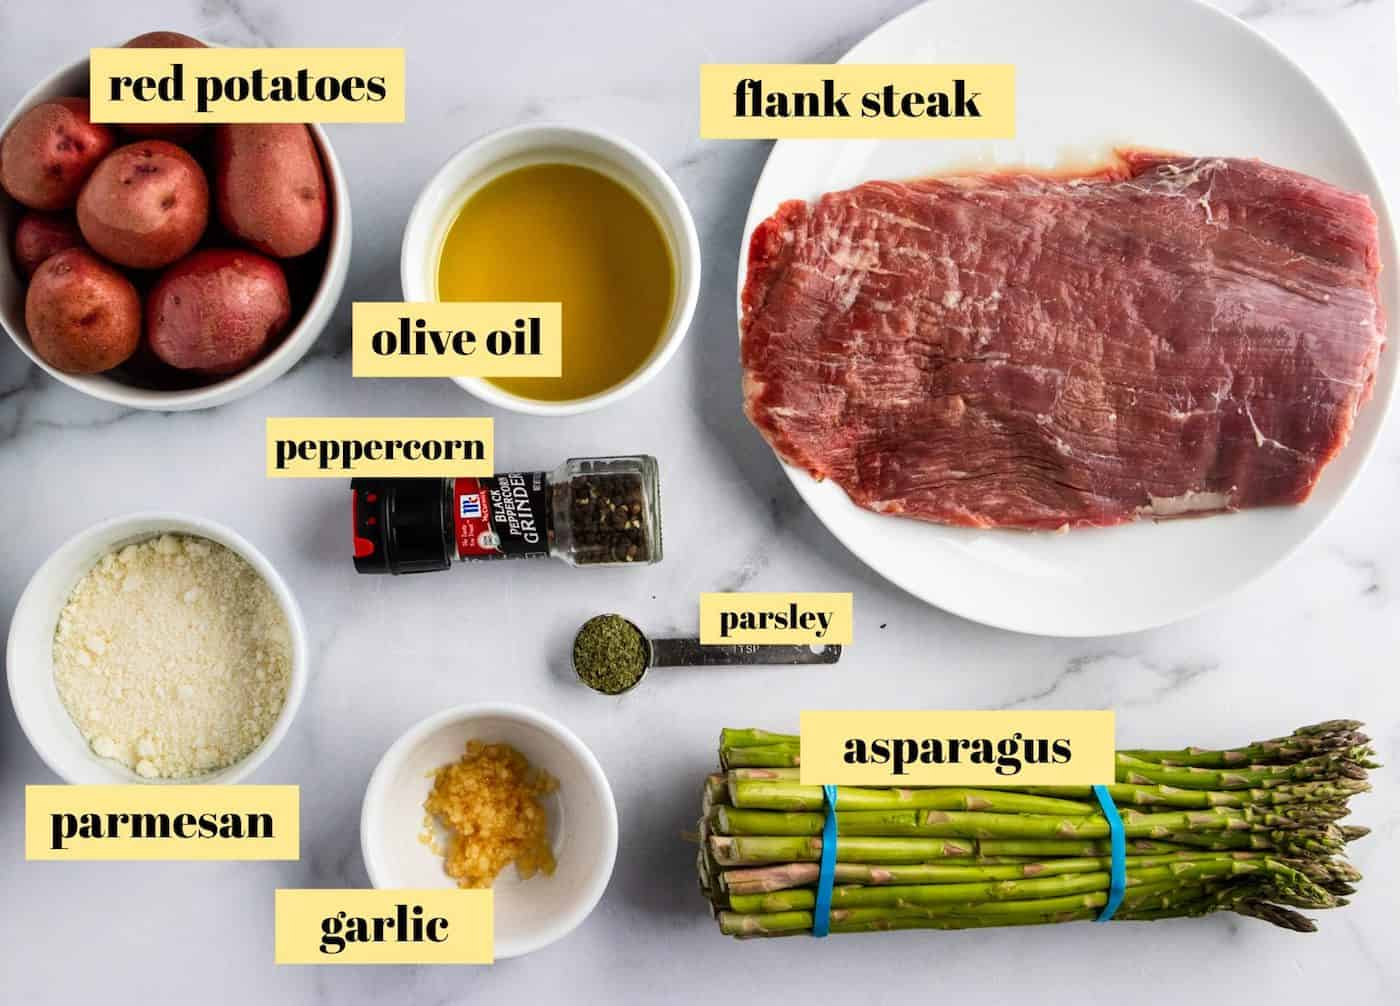 Ingredients needed to make steak dinner.